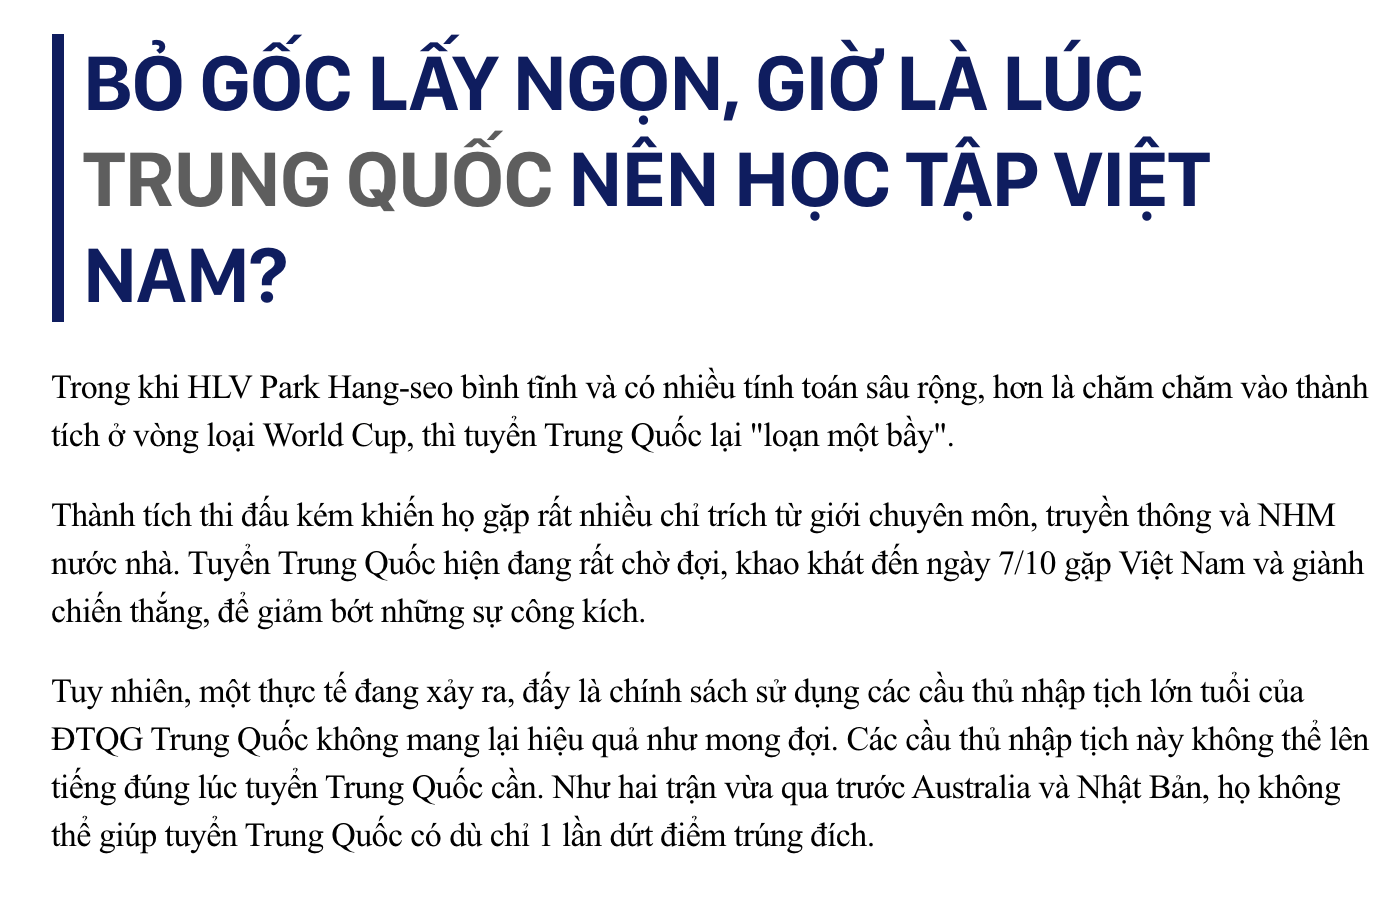 越南媒体:归化没意义,中国队该向越南队学习,培养年轻球员